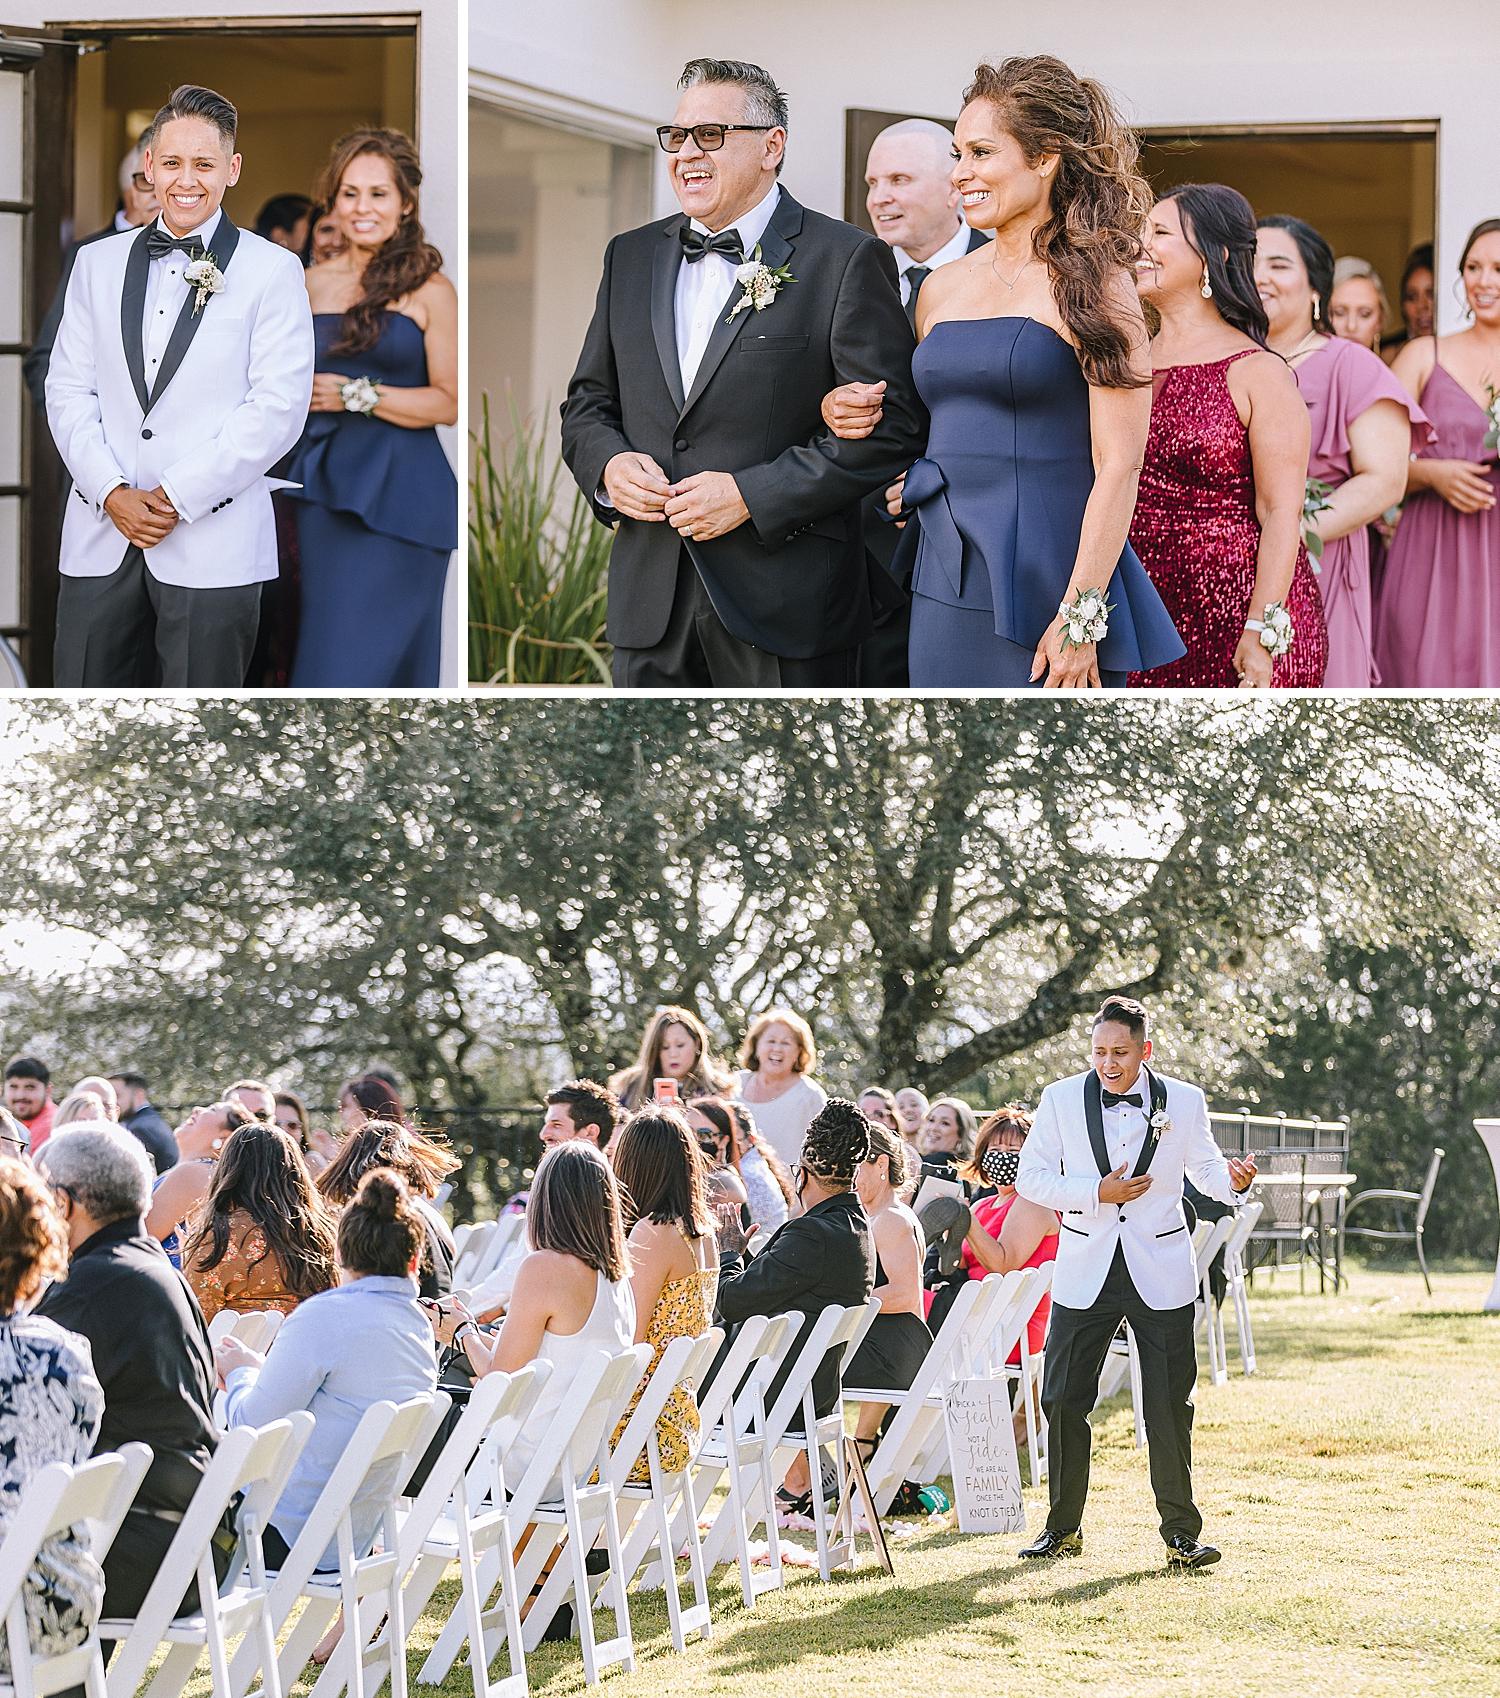 Carly-Barton-Photography-The-Villa-at-Cielo-Vista-Blush-Gold-White-Wedding-Photos_0071.jpg